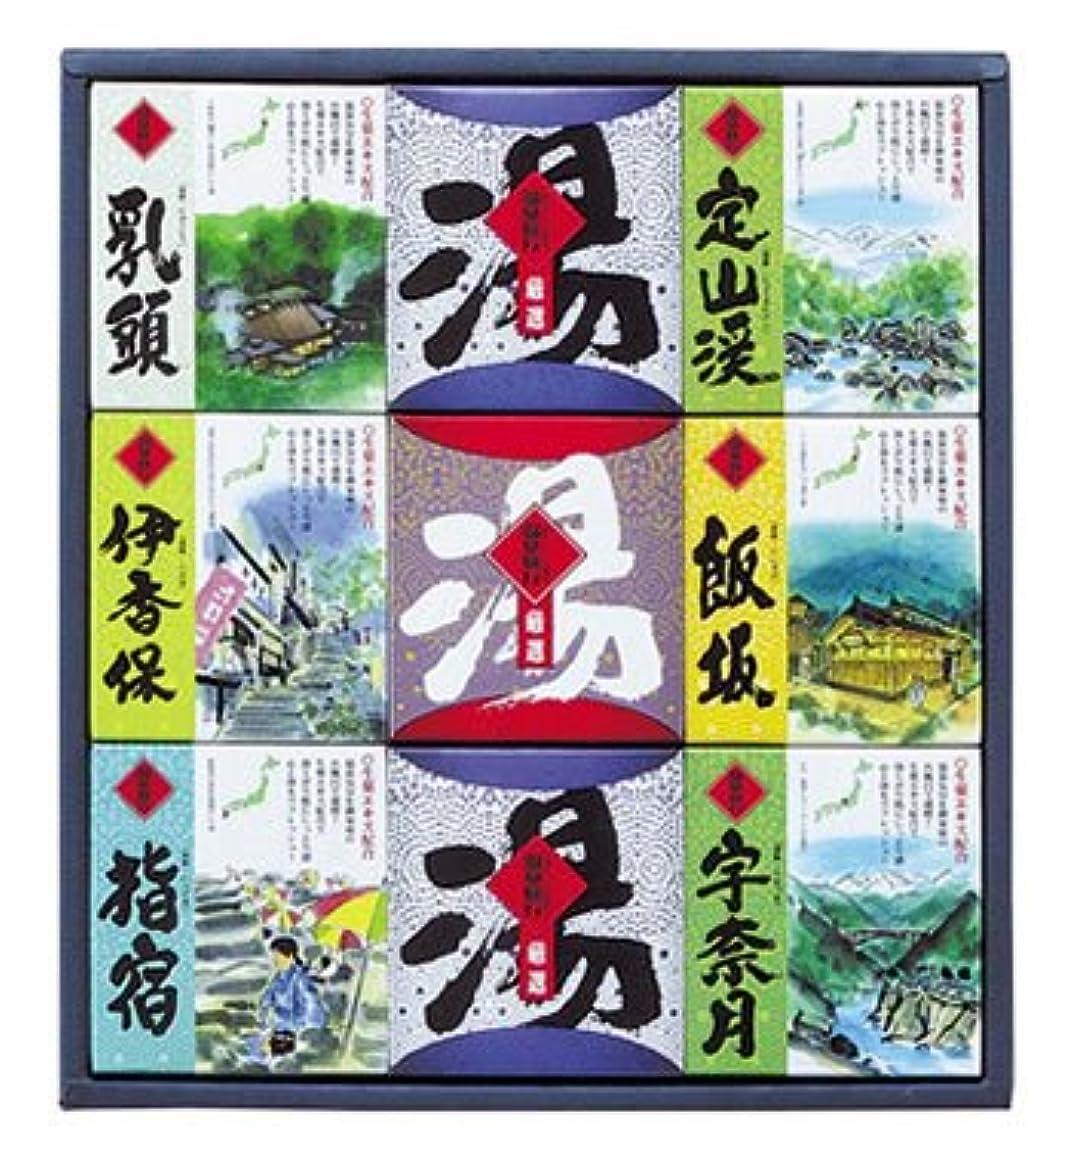 コストみなさん法令家計応援 「温泉旅行」 3セット(1箱 3240円) 生薬エキス配合薬用入浴剤